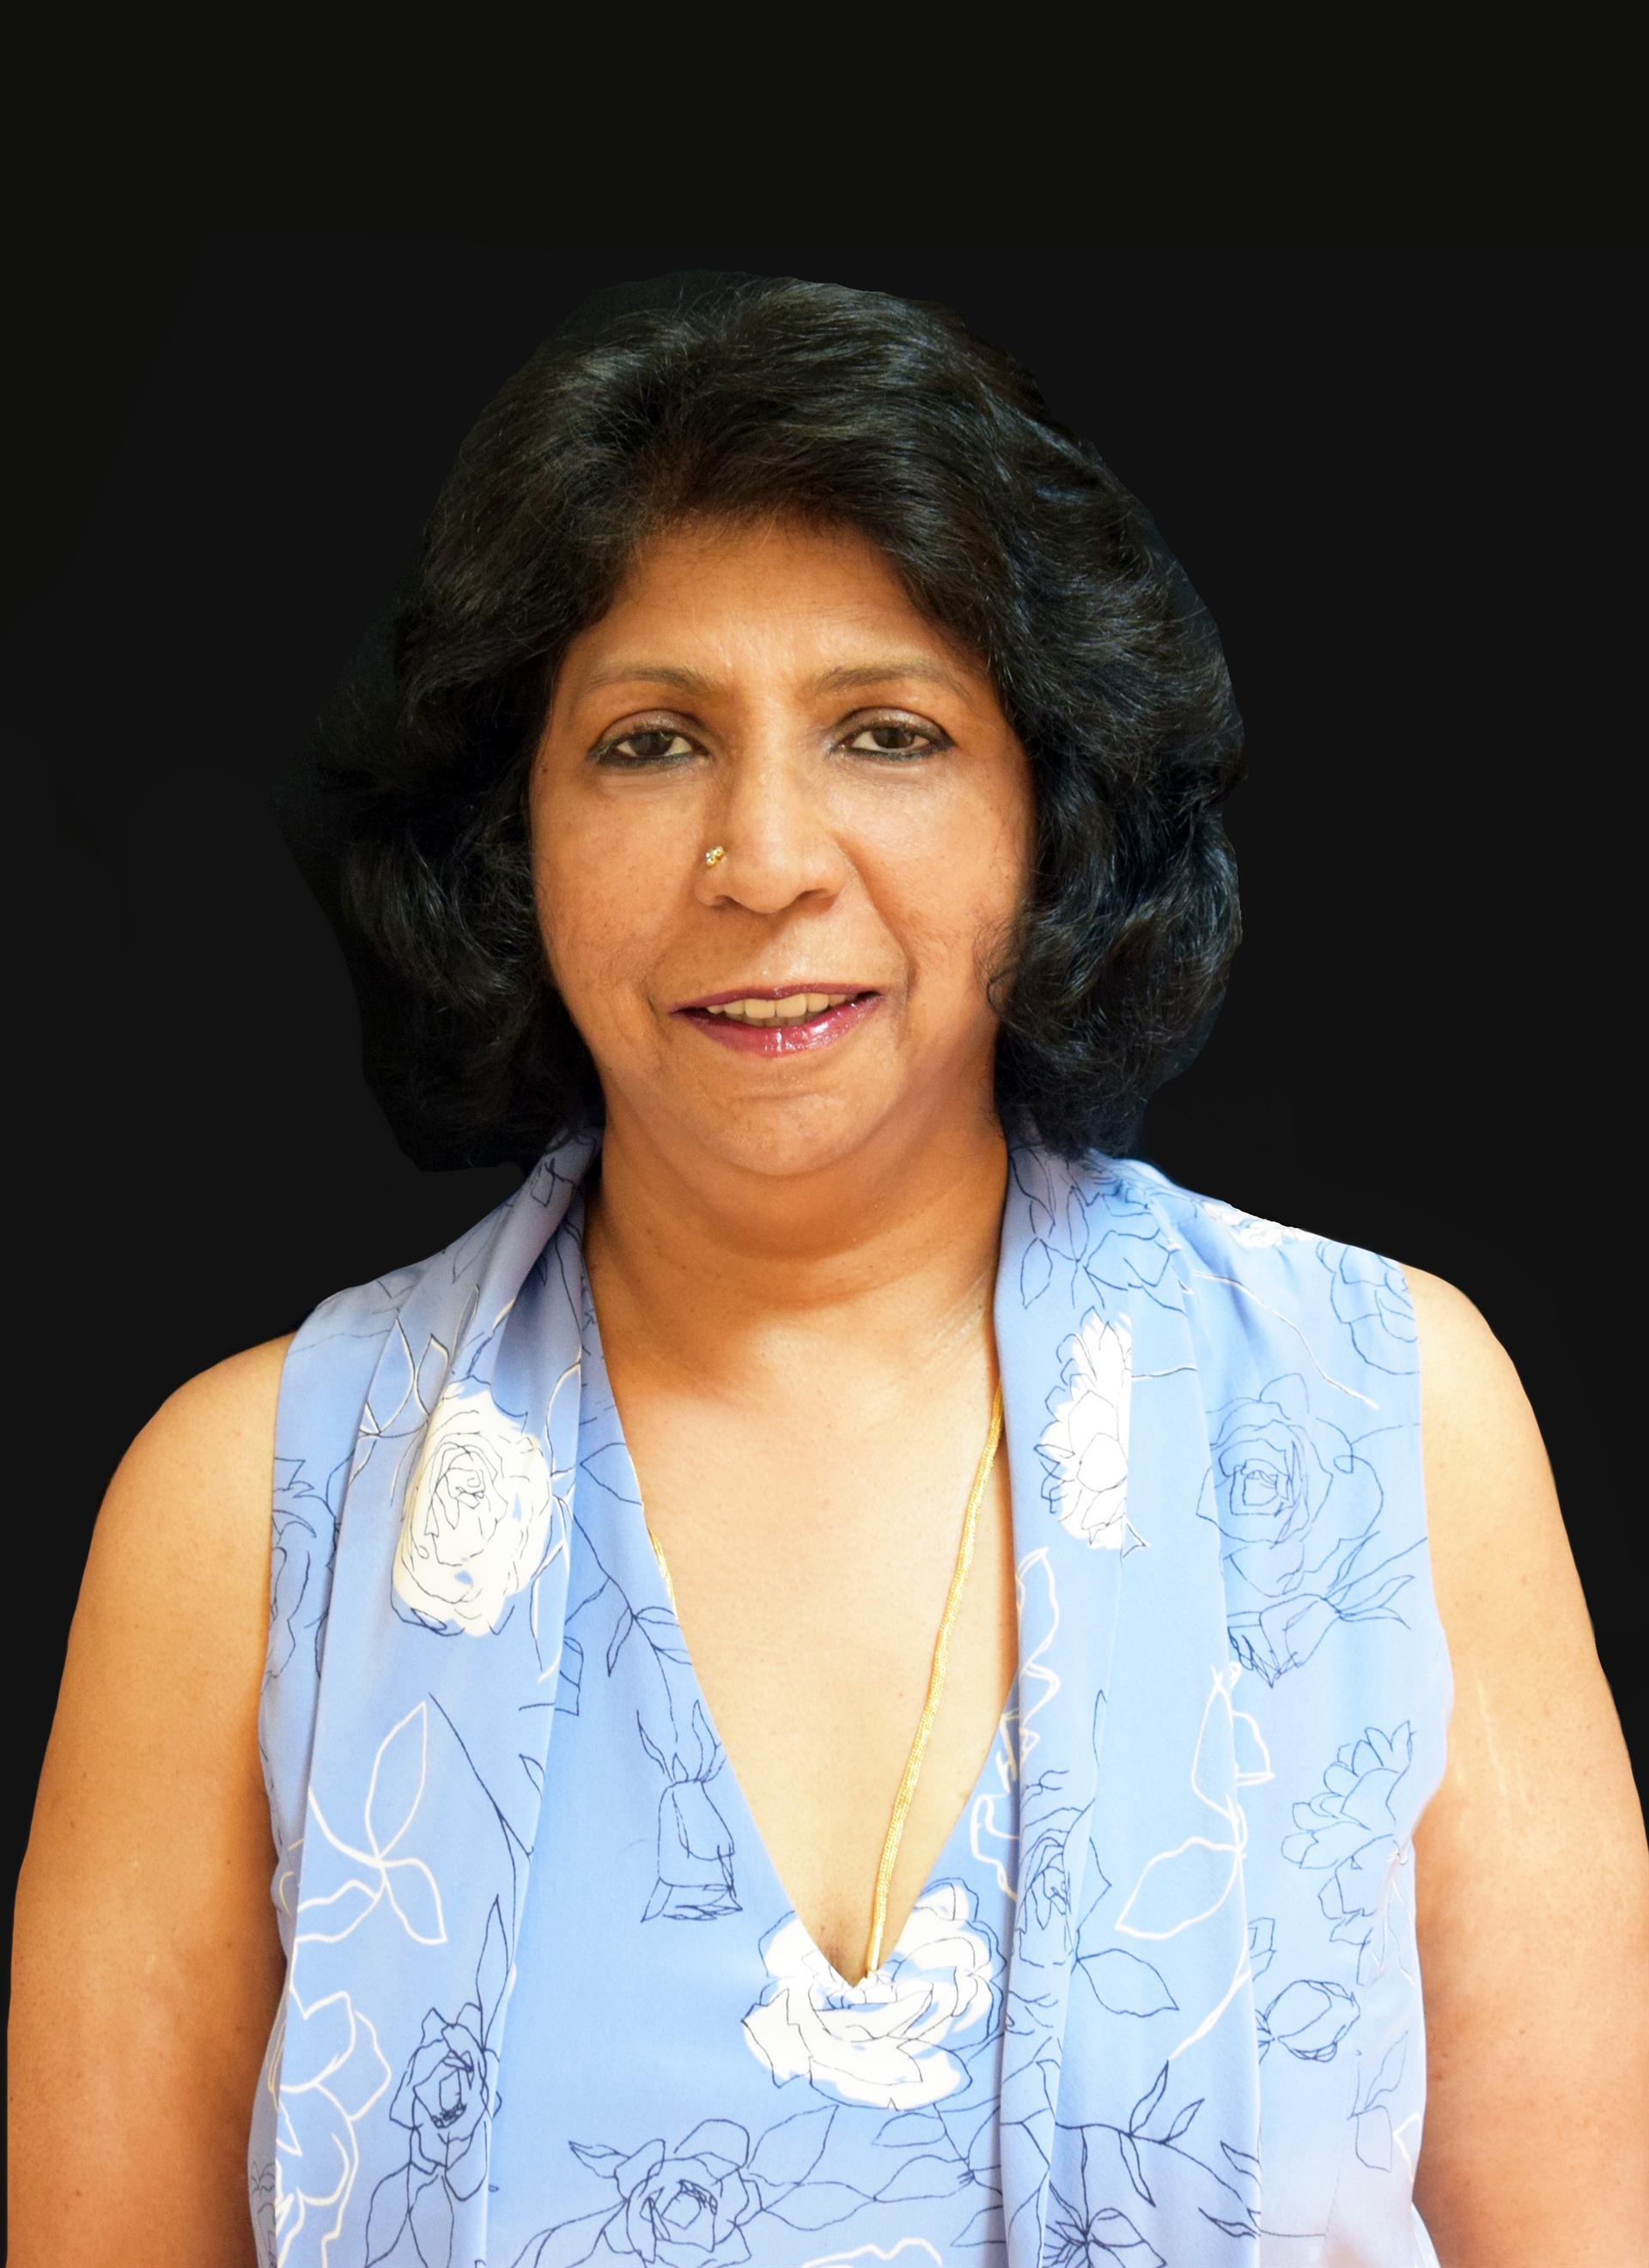 Viveka Gunasekaran